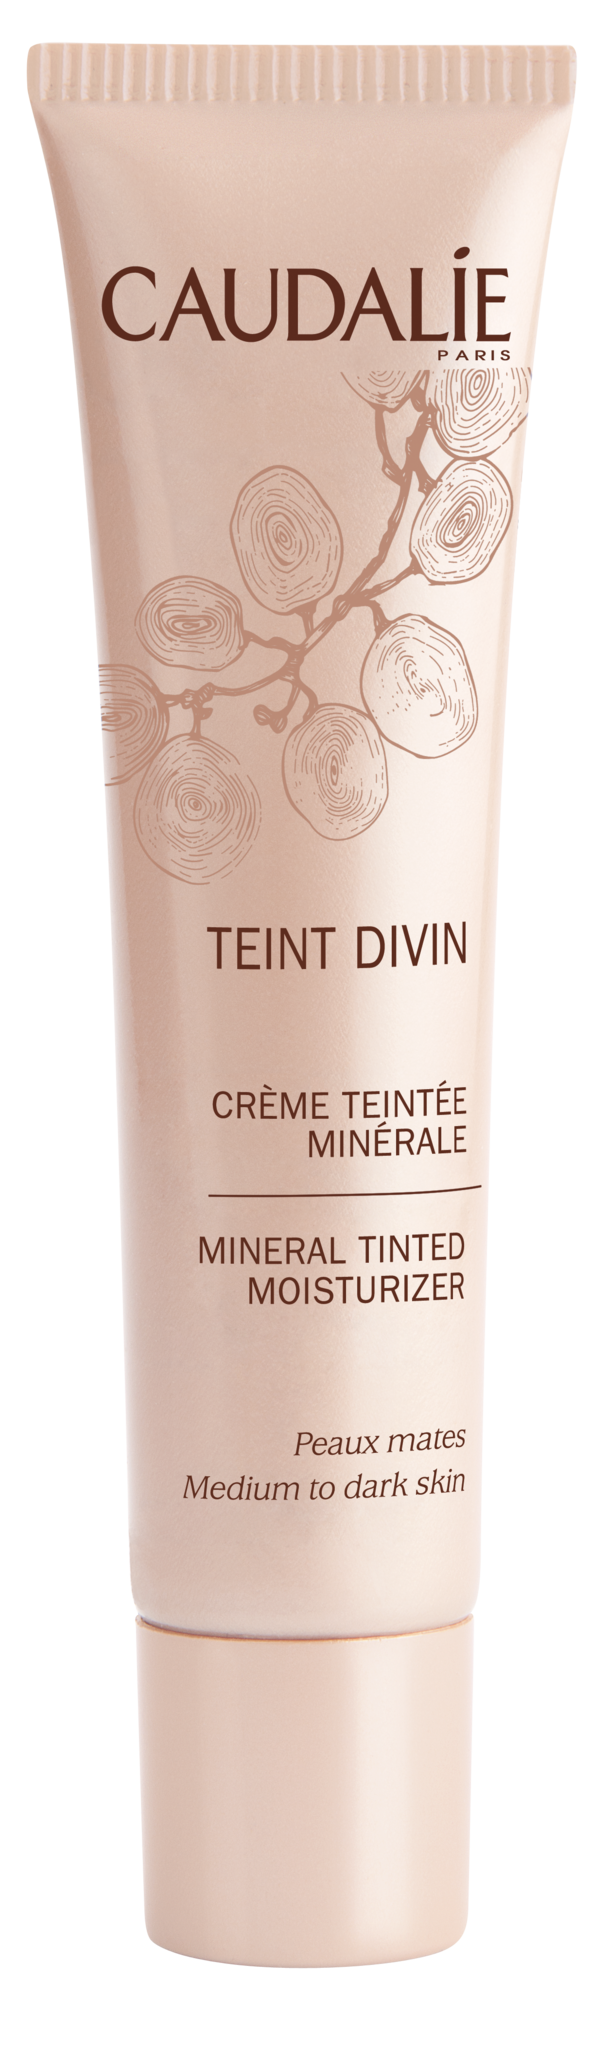 Caudalie - Teint Divin Mineral Tinted Moisturizer 30 ml - Medium/Dark